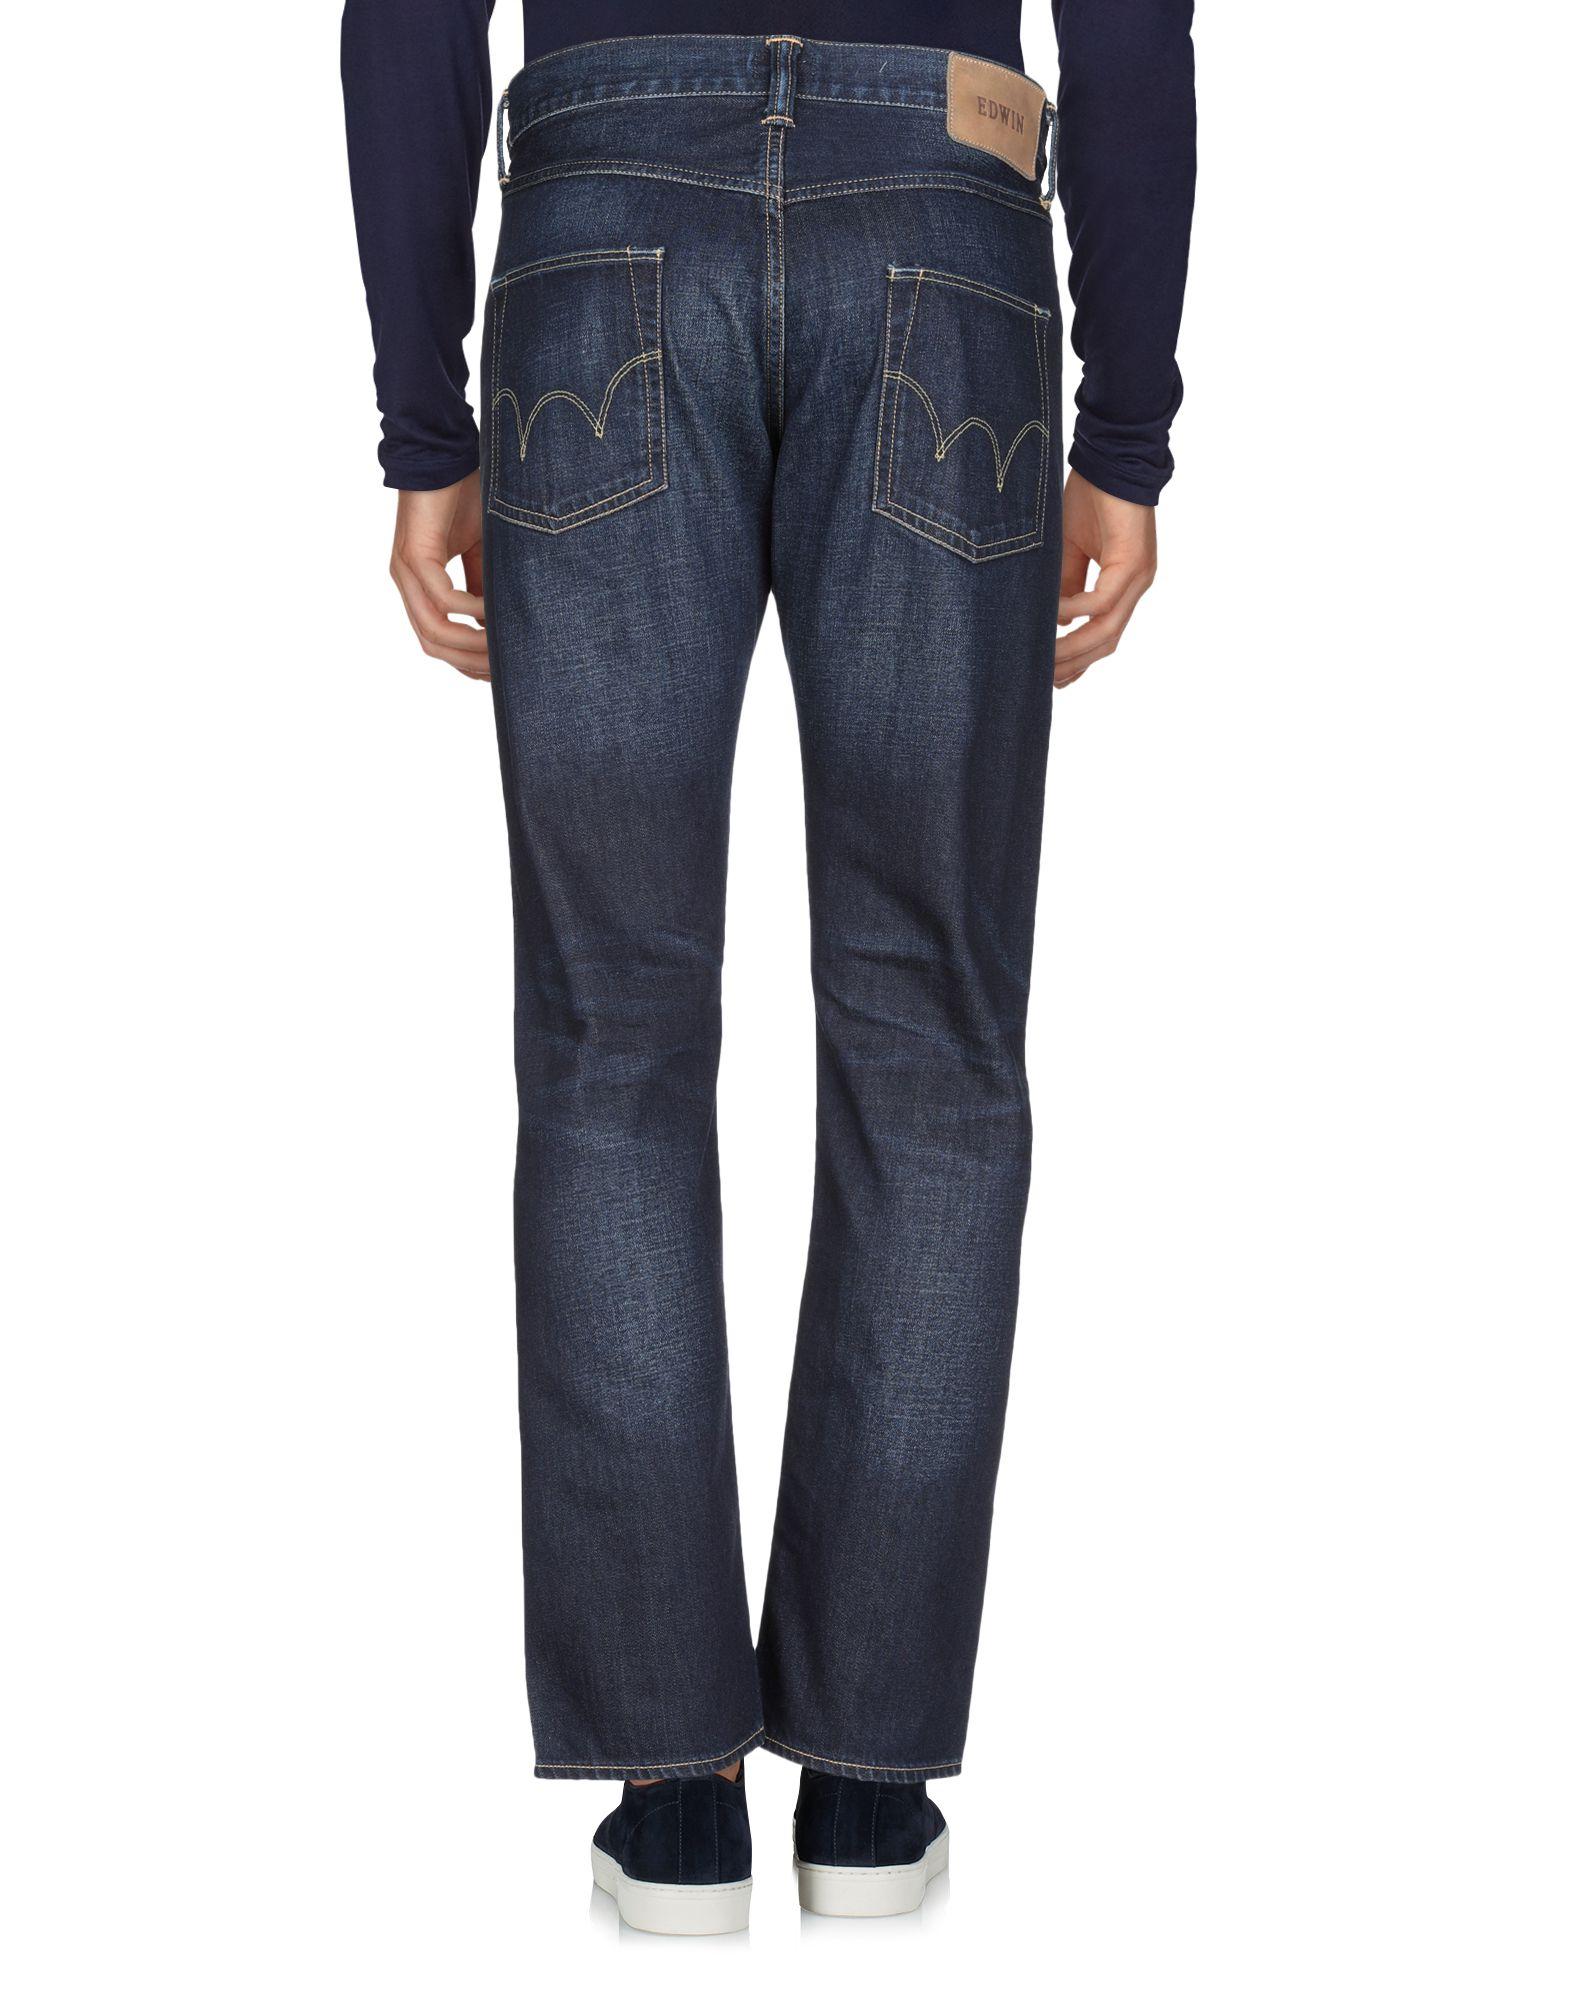 Pantaloni Jeans Edwin Uomo Uomo Edwin - 42686887QJ 413678